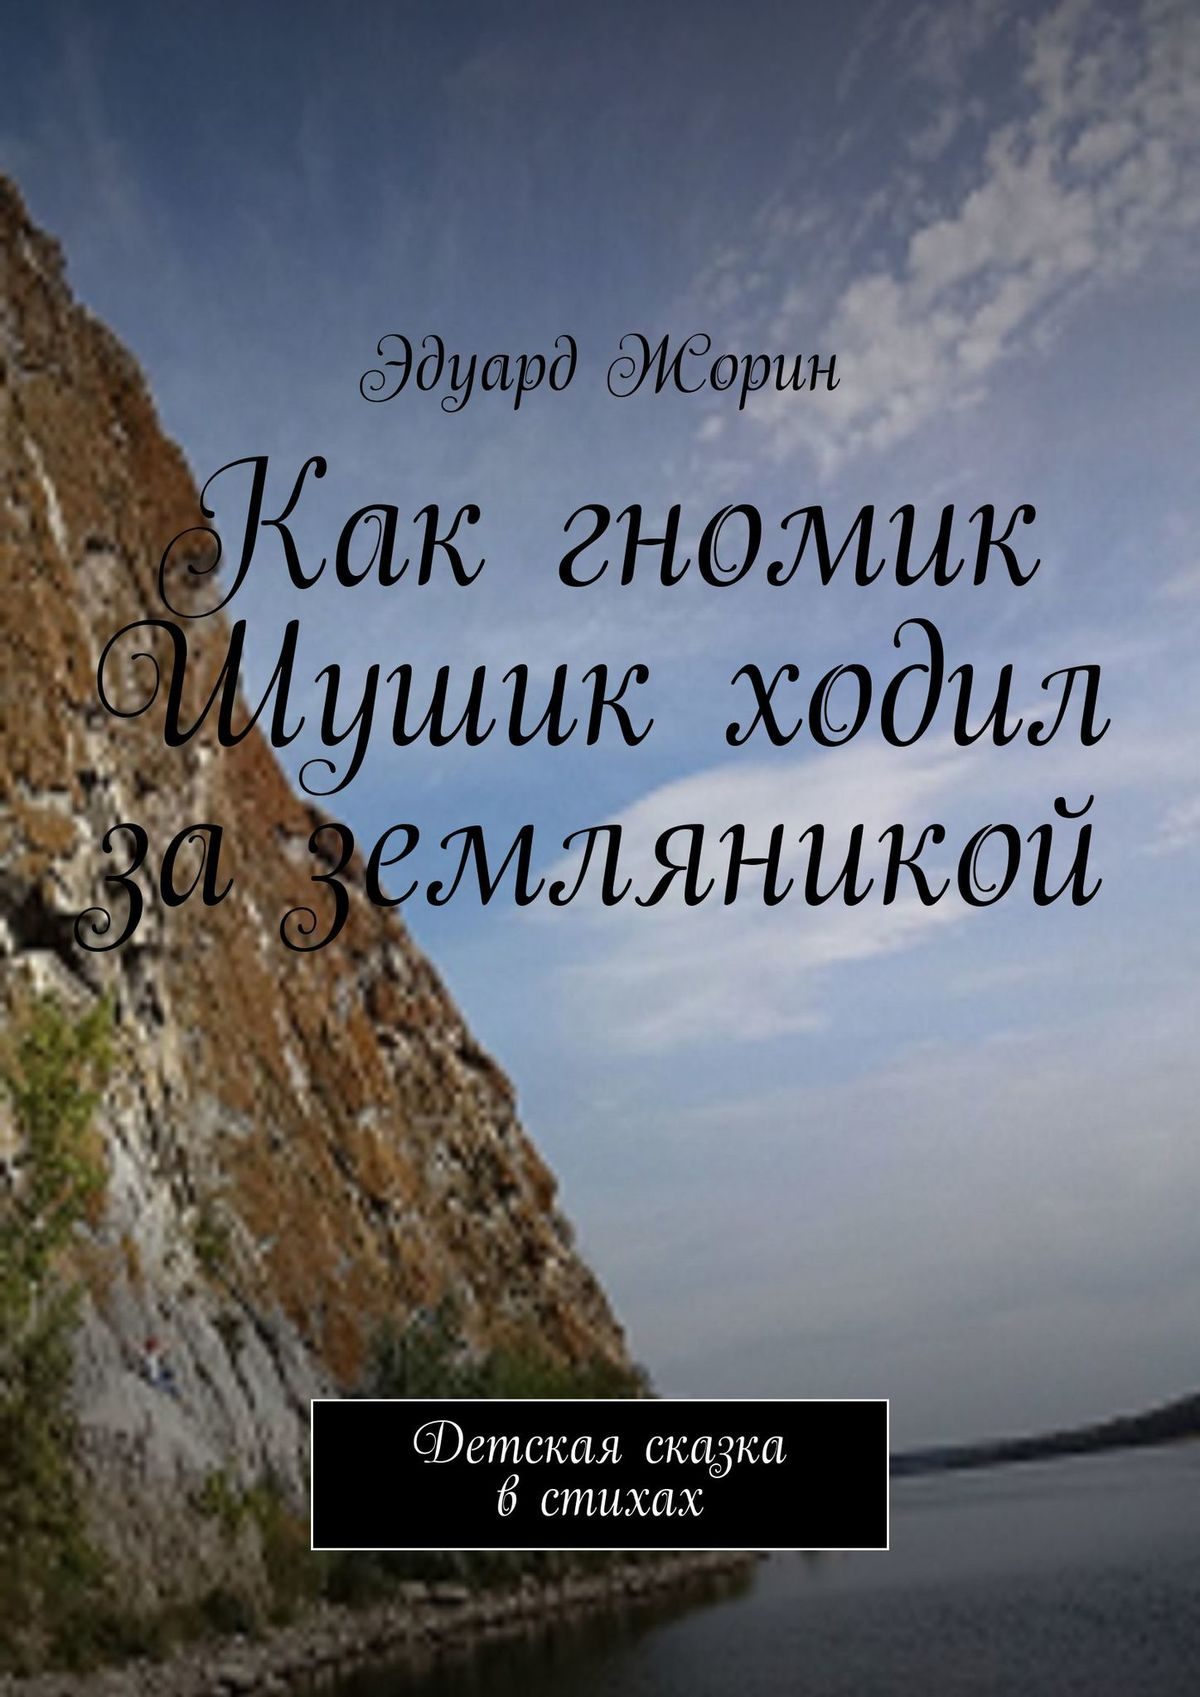 Эдуард Жорин Как гномик Шушик ходил за земляникой. Детская сказка в стихах глиори д непогода сказка в стихах